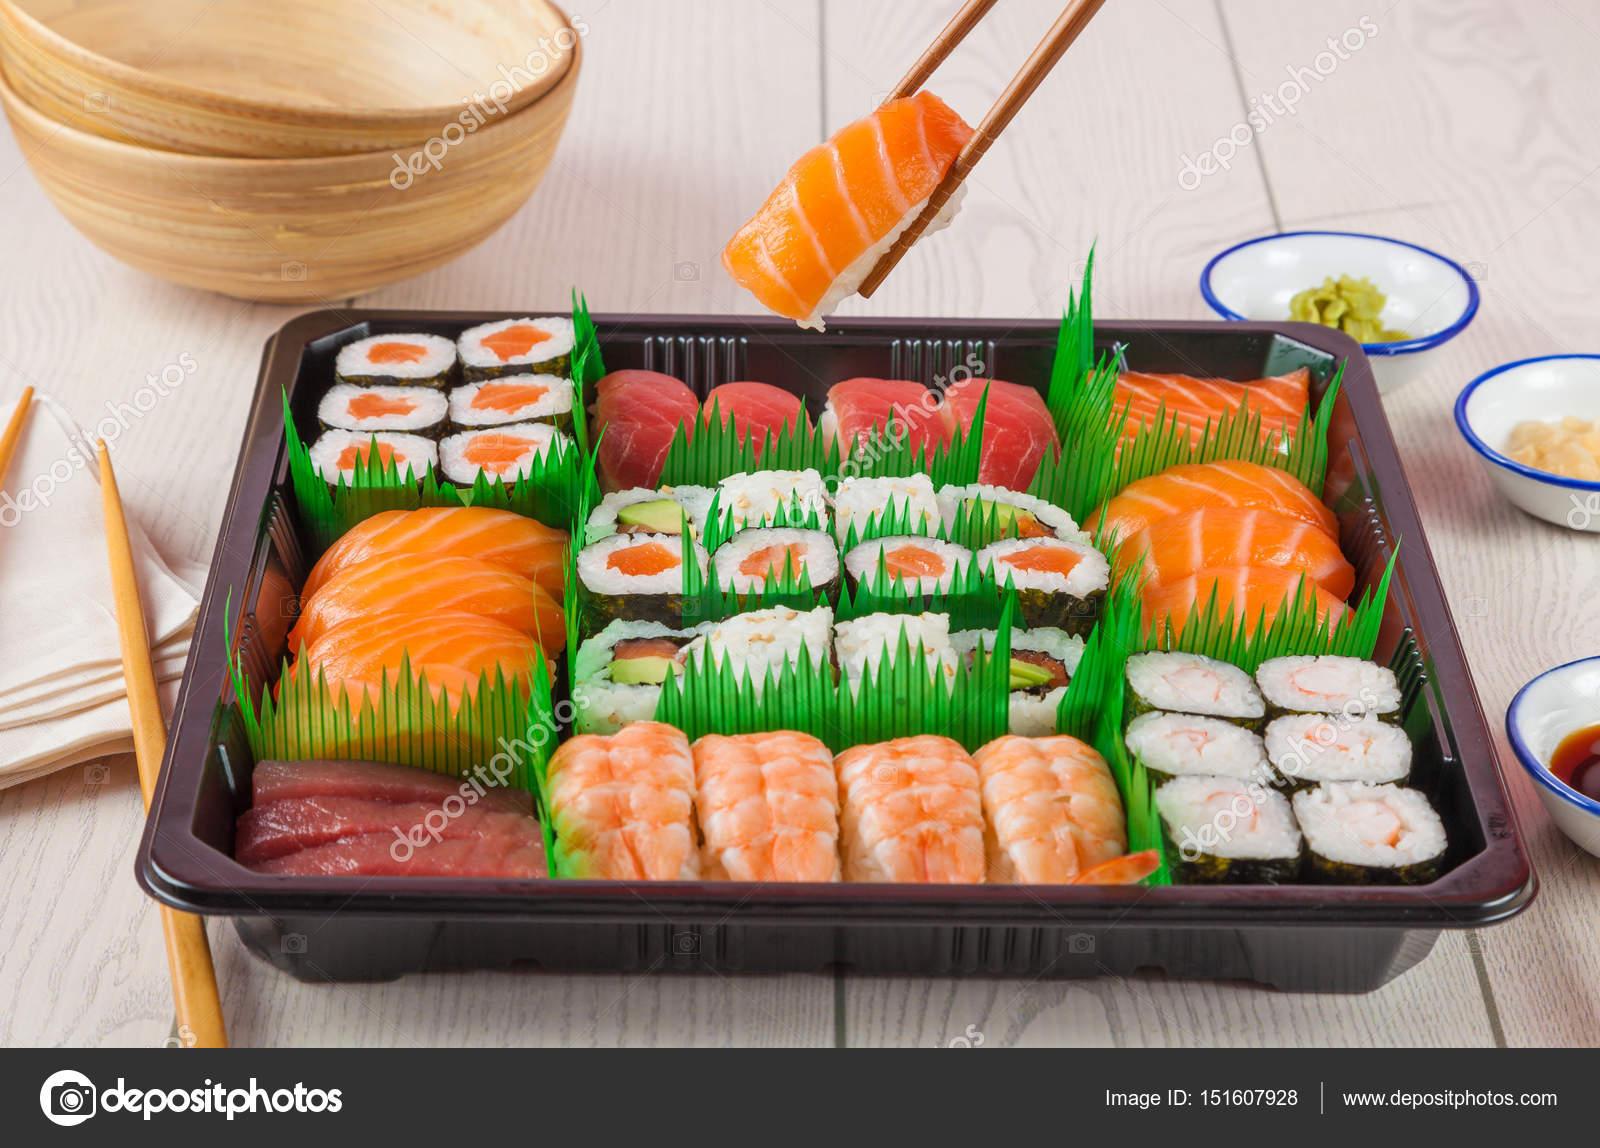 Bandeja comida para llevar con sushi y maki sushi fotos de stock hansgeel 151607928 - Bandejas para sushi ...